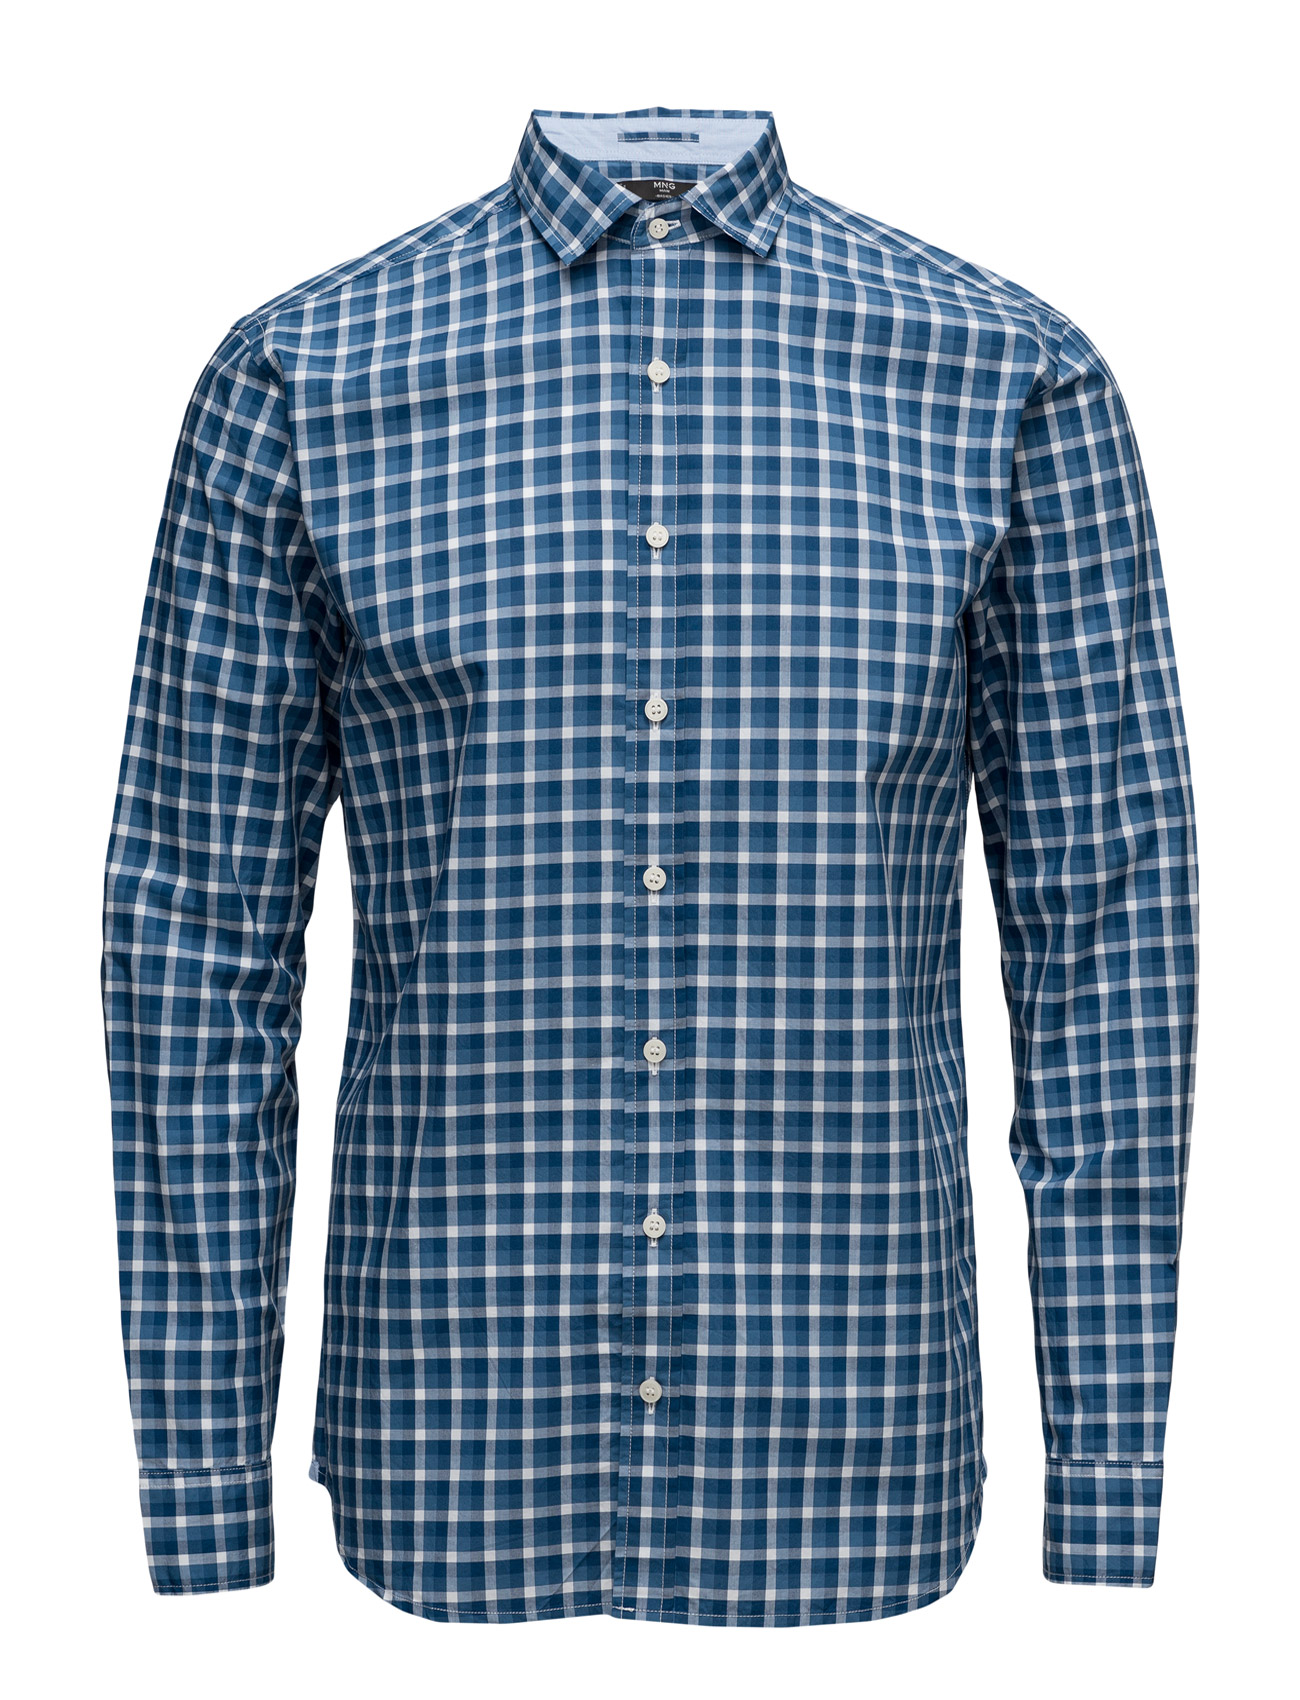 Slim-Fit Check Cotton Shirt Mango Man Casual sko til Mænd i Medium Blå